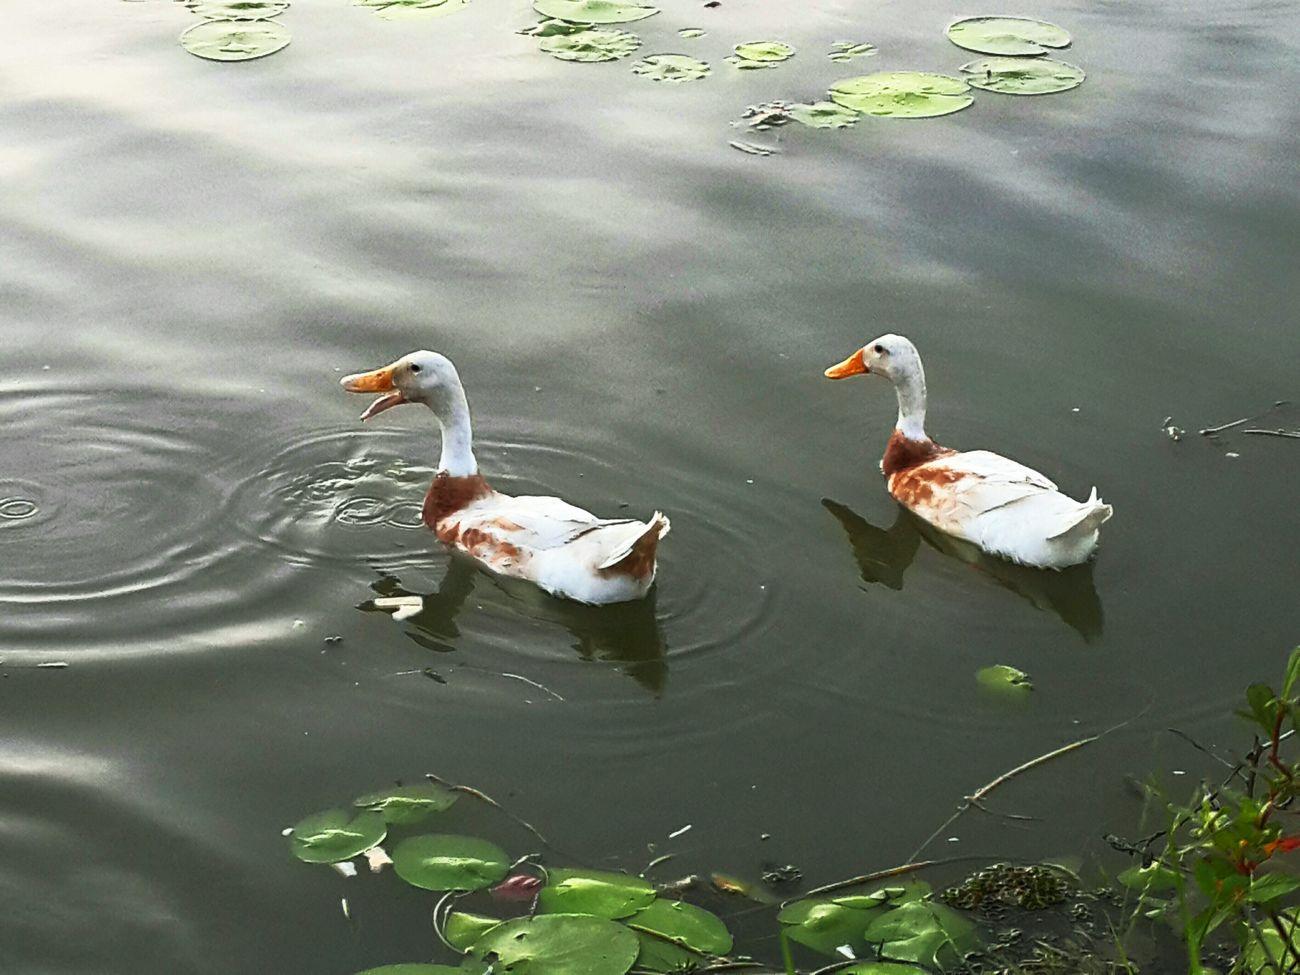 Feeling Free Ducks Relaxing Lake View gua gua gua....